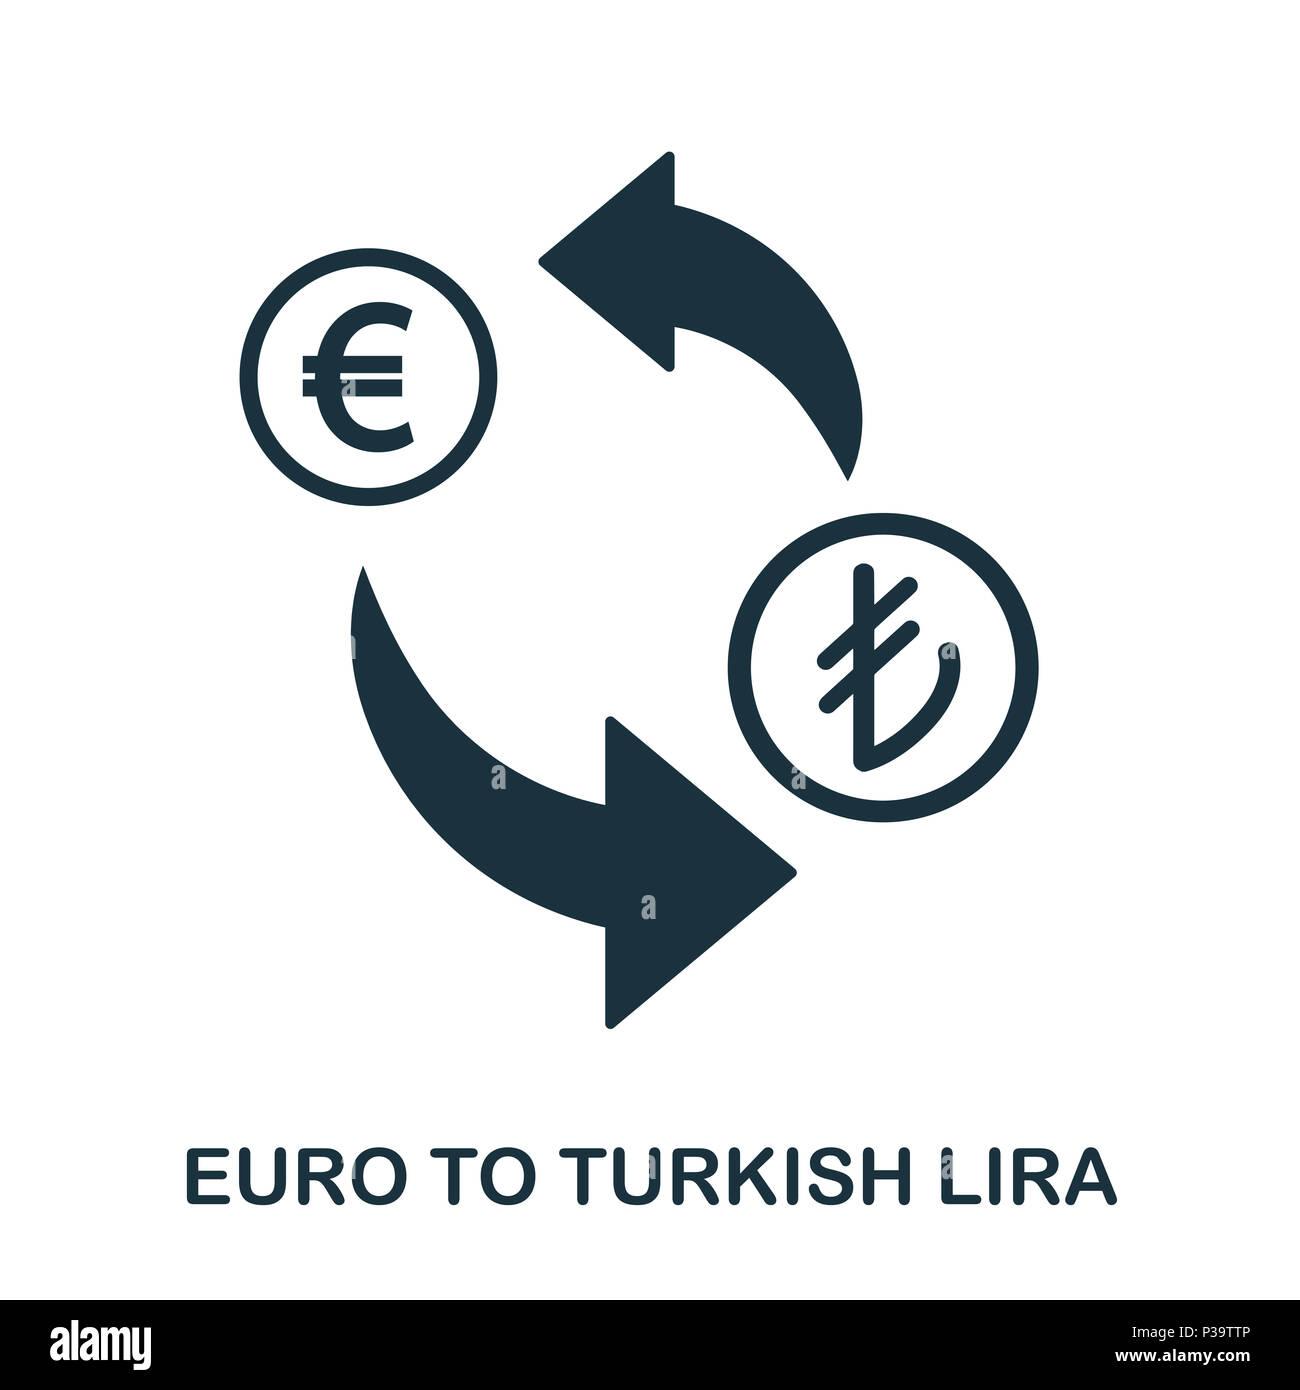 Euro To Turkish Lira icon. Mobile app, printing, web site icon. Simple element sing. Monochrome Euro To Turkish Lira icon illustration. Stock Photo